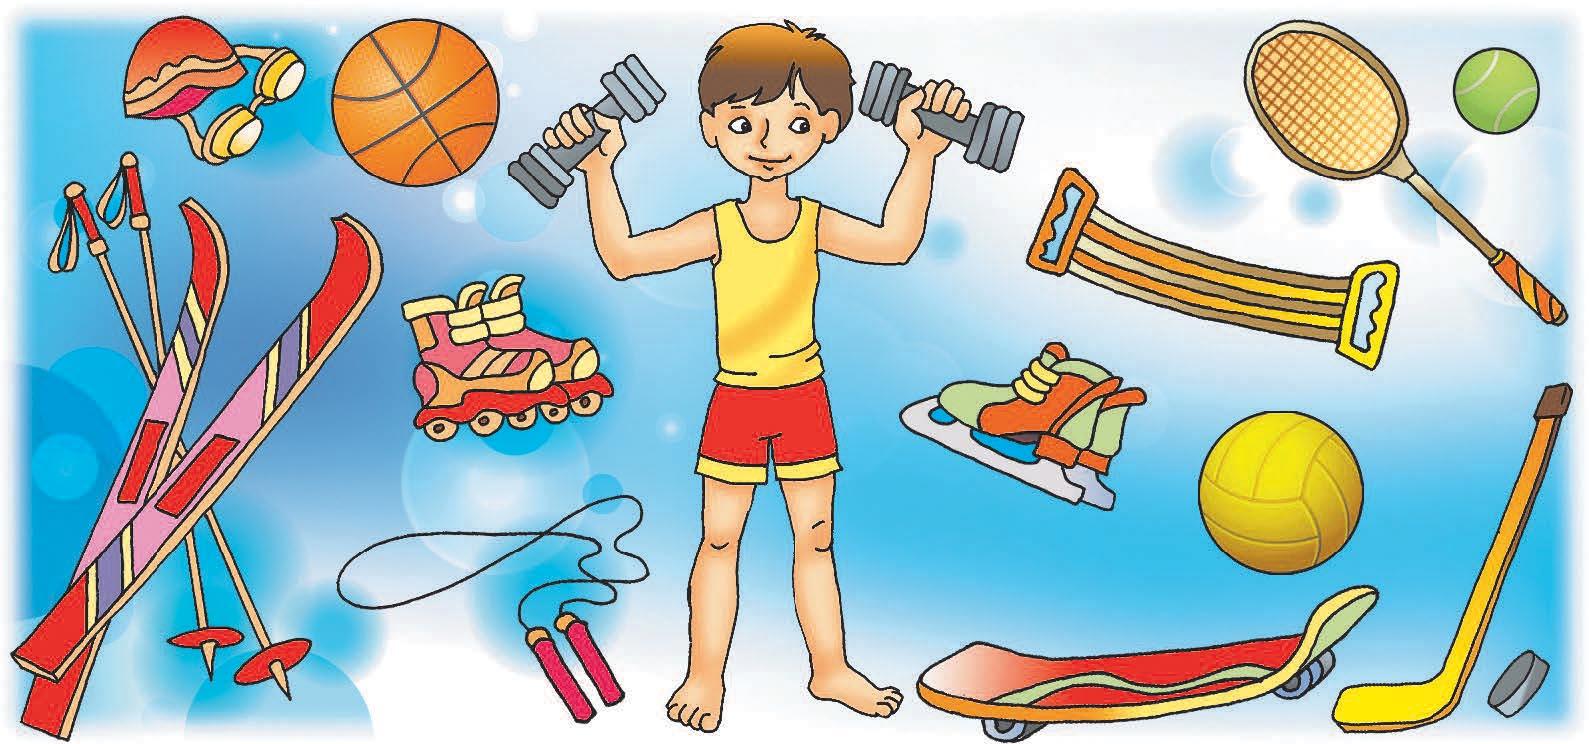 спорт и здоровый образ жизни - сочинение